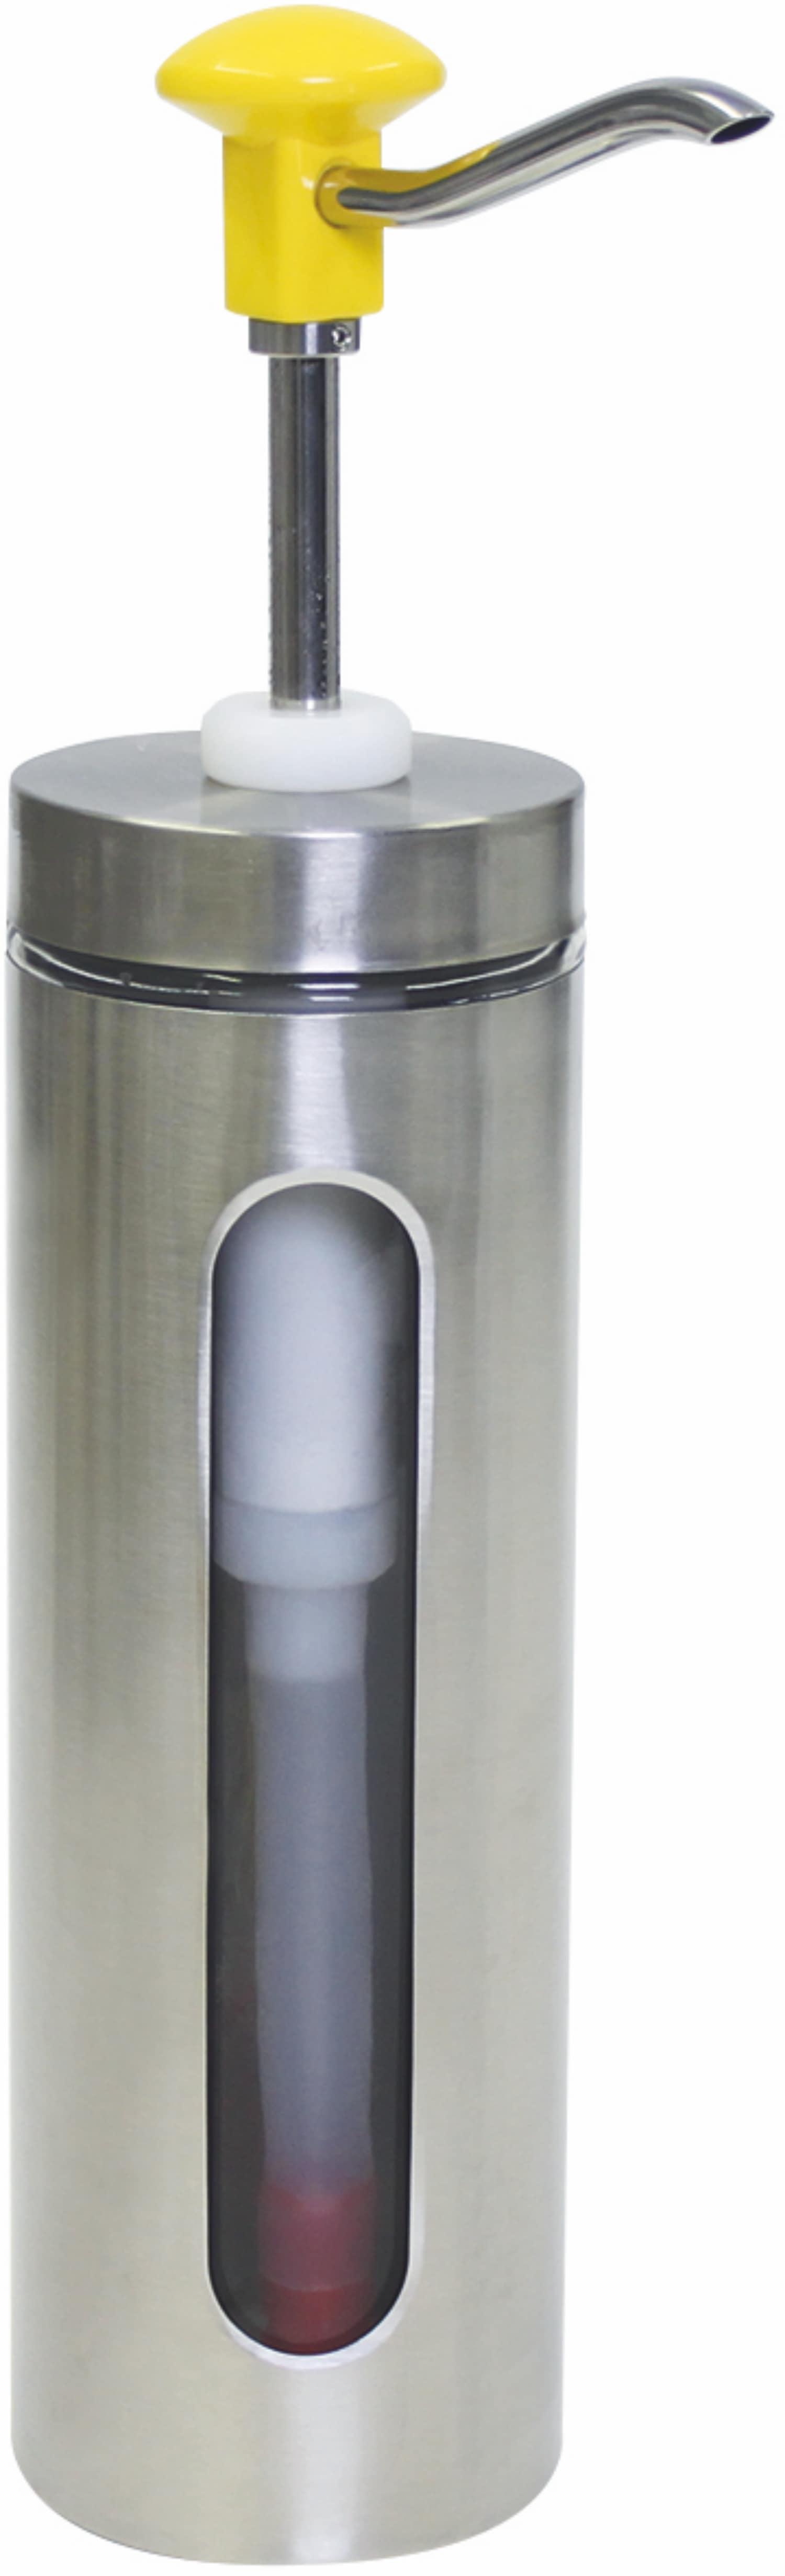 Druckknopf-Dosierspender Sichtfenster